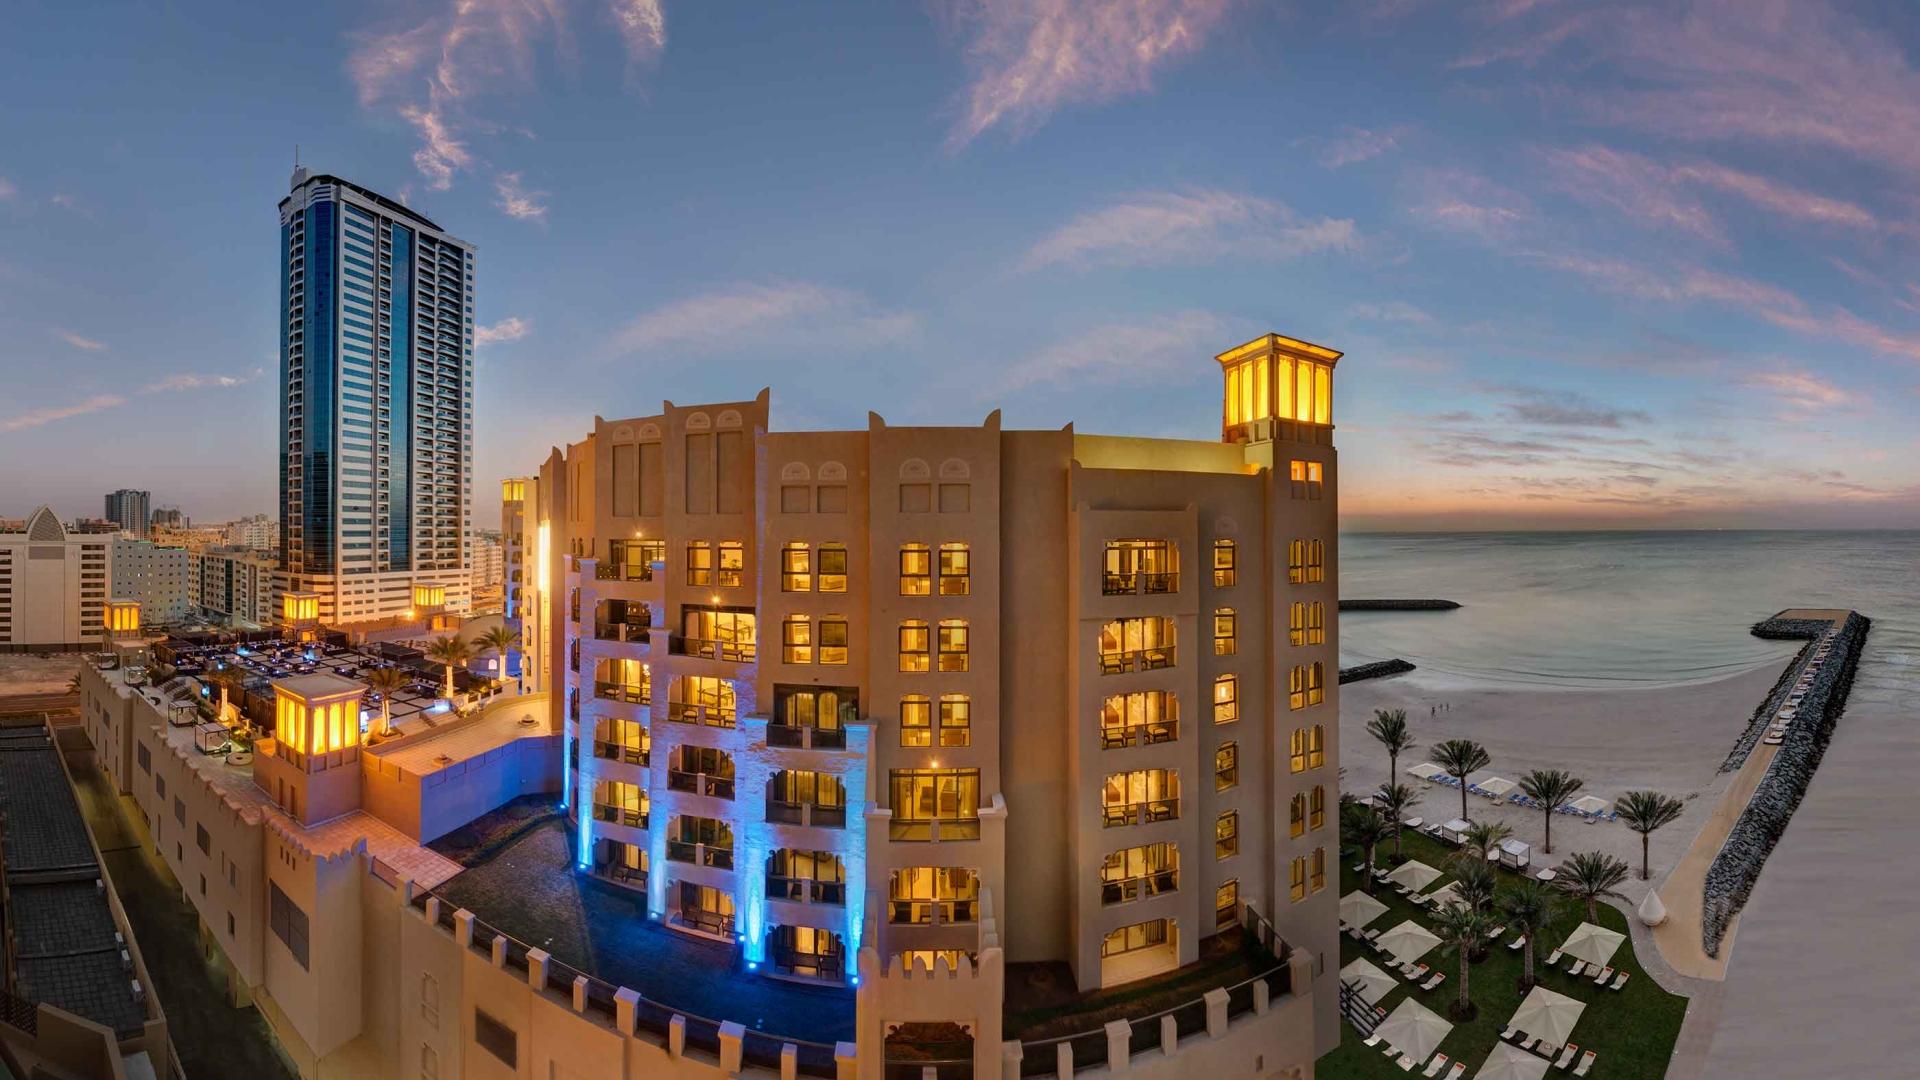 فندق باهي قصر عجمان المنظر الخارجي